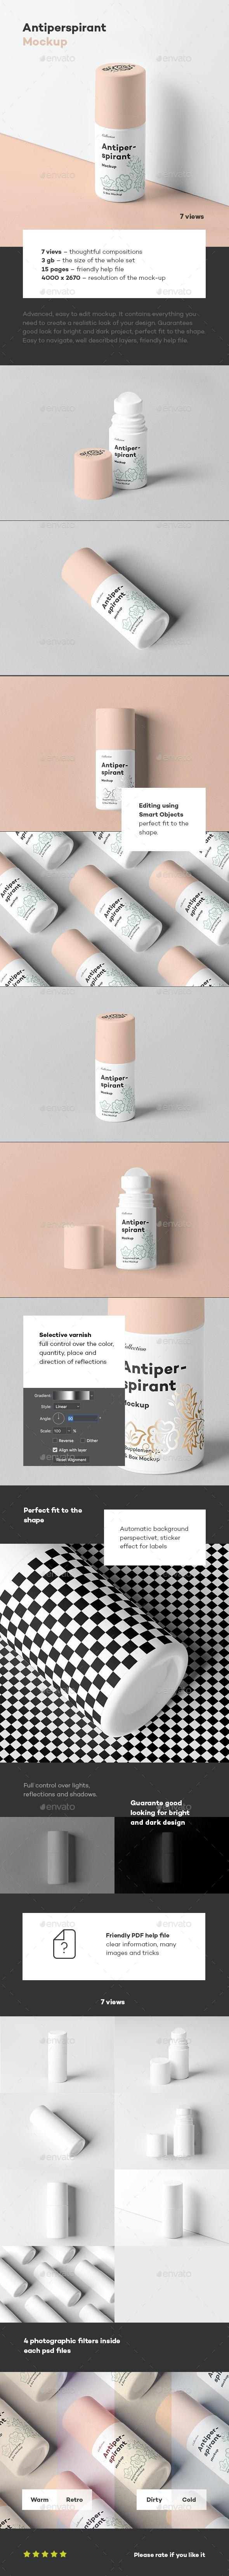 Antiperspirant Mockup 2 - Beauty Packaging